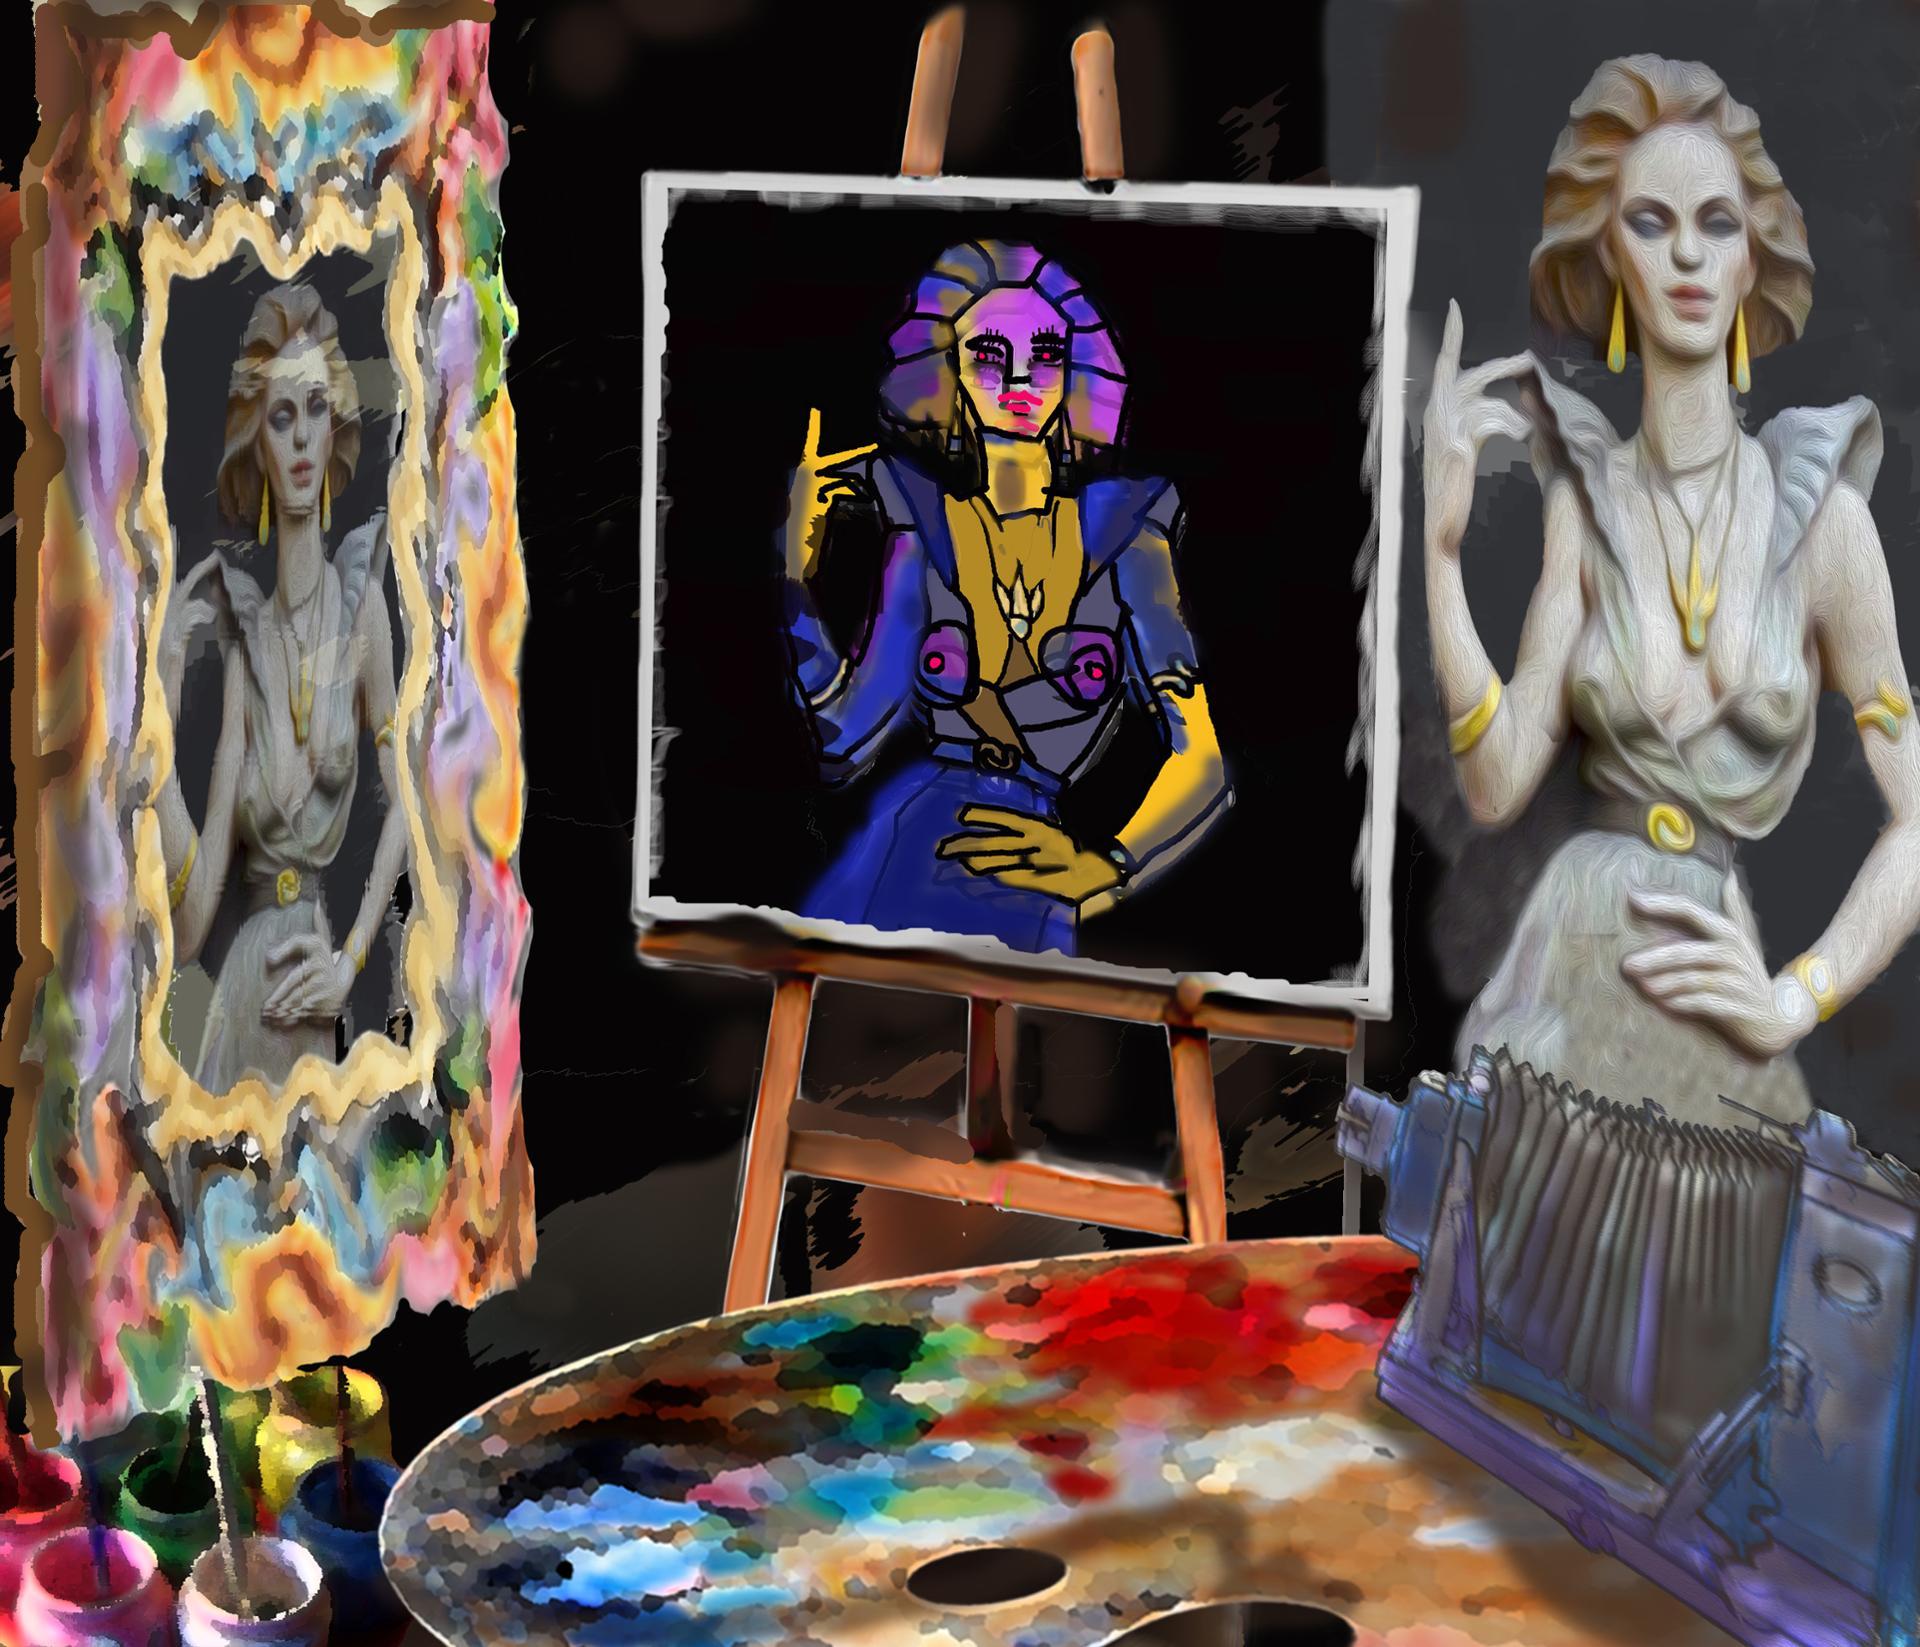 Qui voit la figure humaine correctement, le photographe, le miroir ou le peintre?